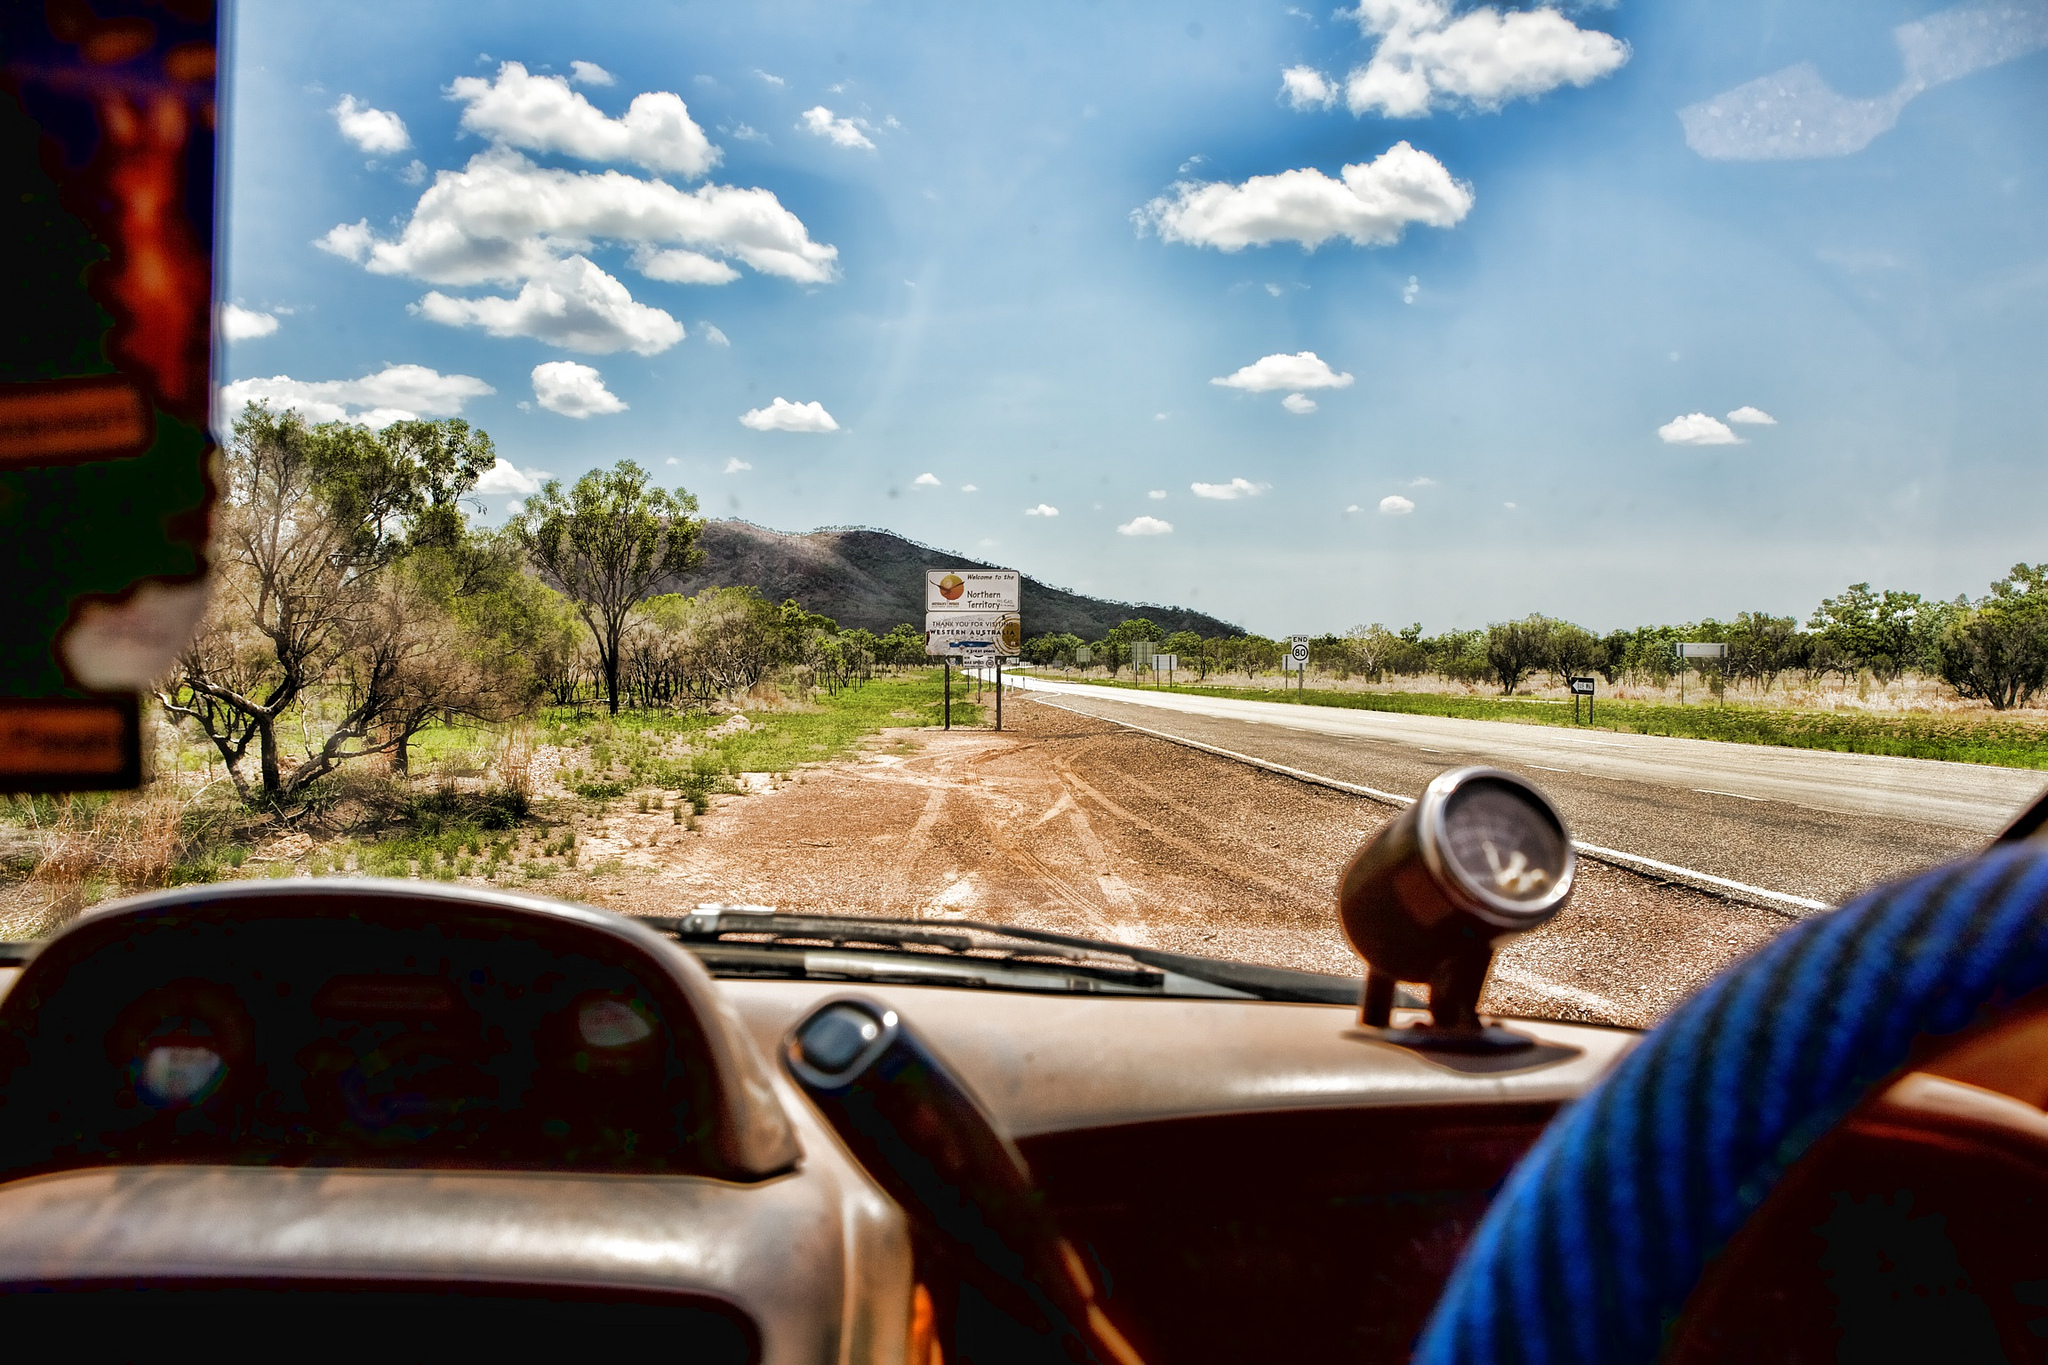 Road trip en Australie, paysage vu d'une voiture